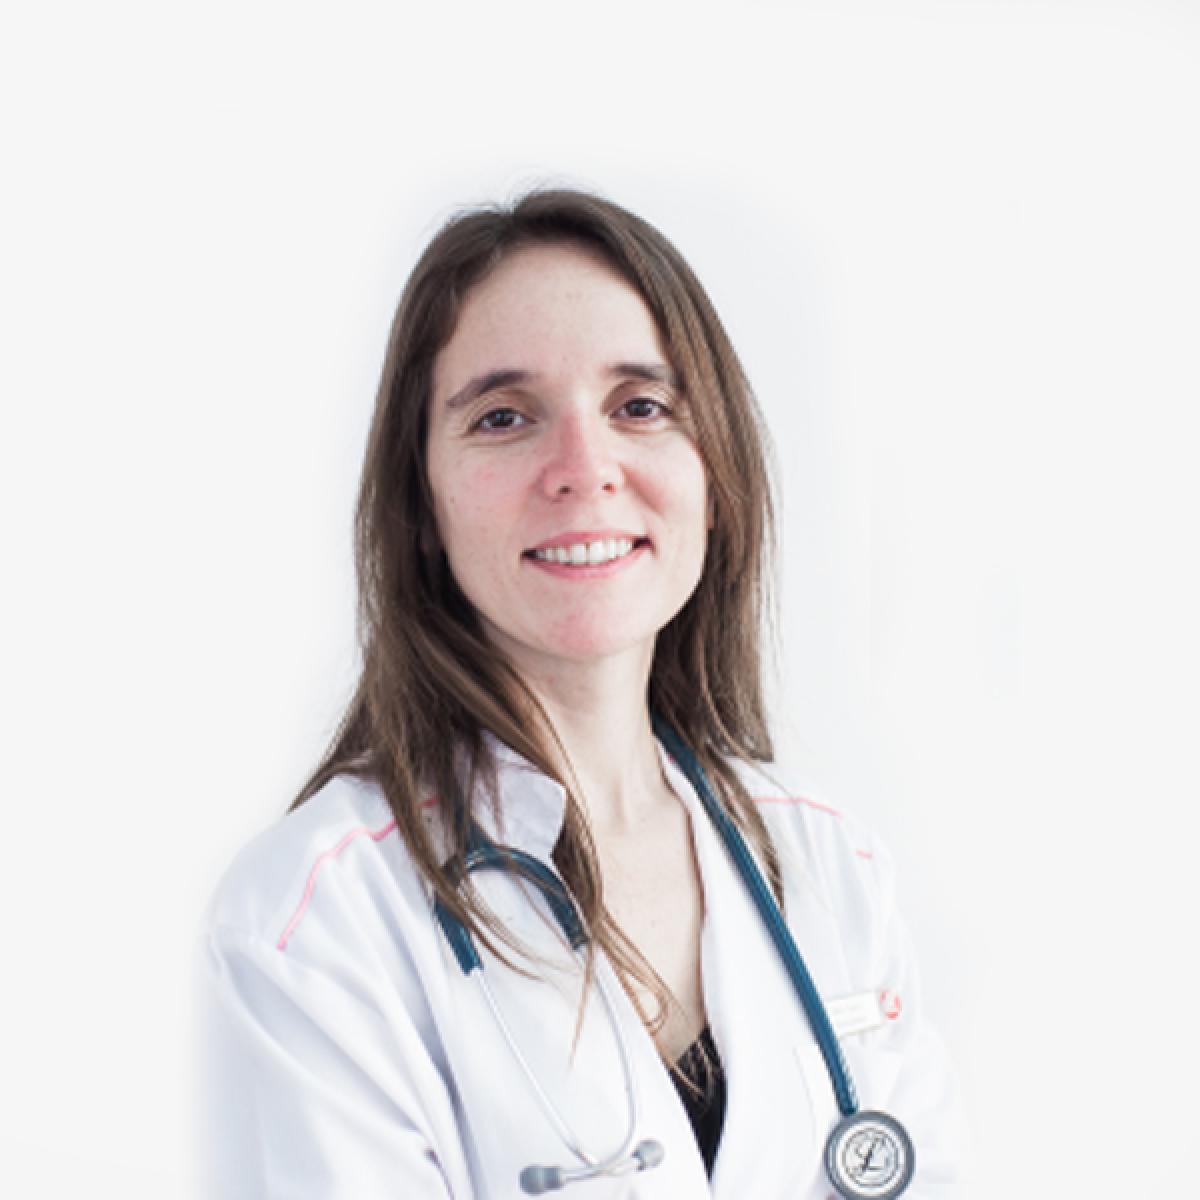 Dra. Sara Soares Gonçalves